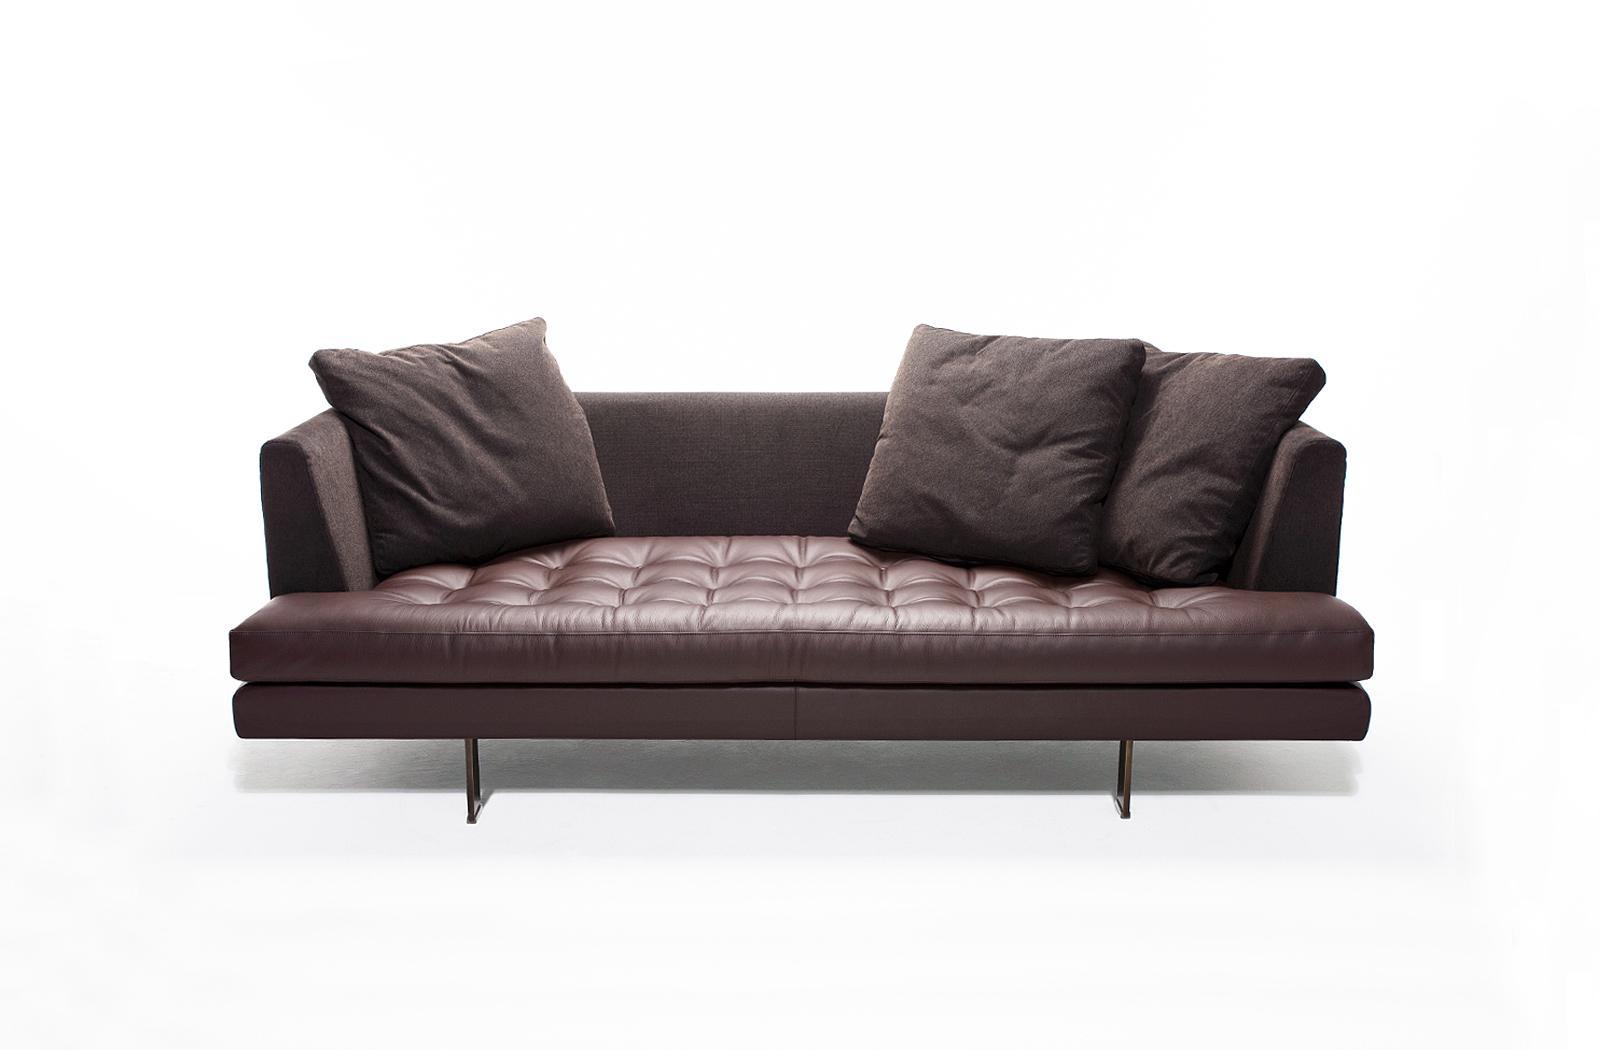 Edward | Bensen With Regard To Bensen Sofas (Image 8 of 20)